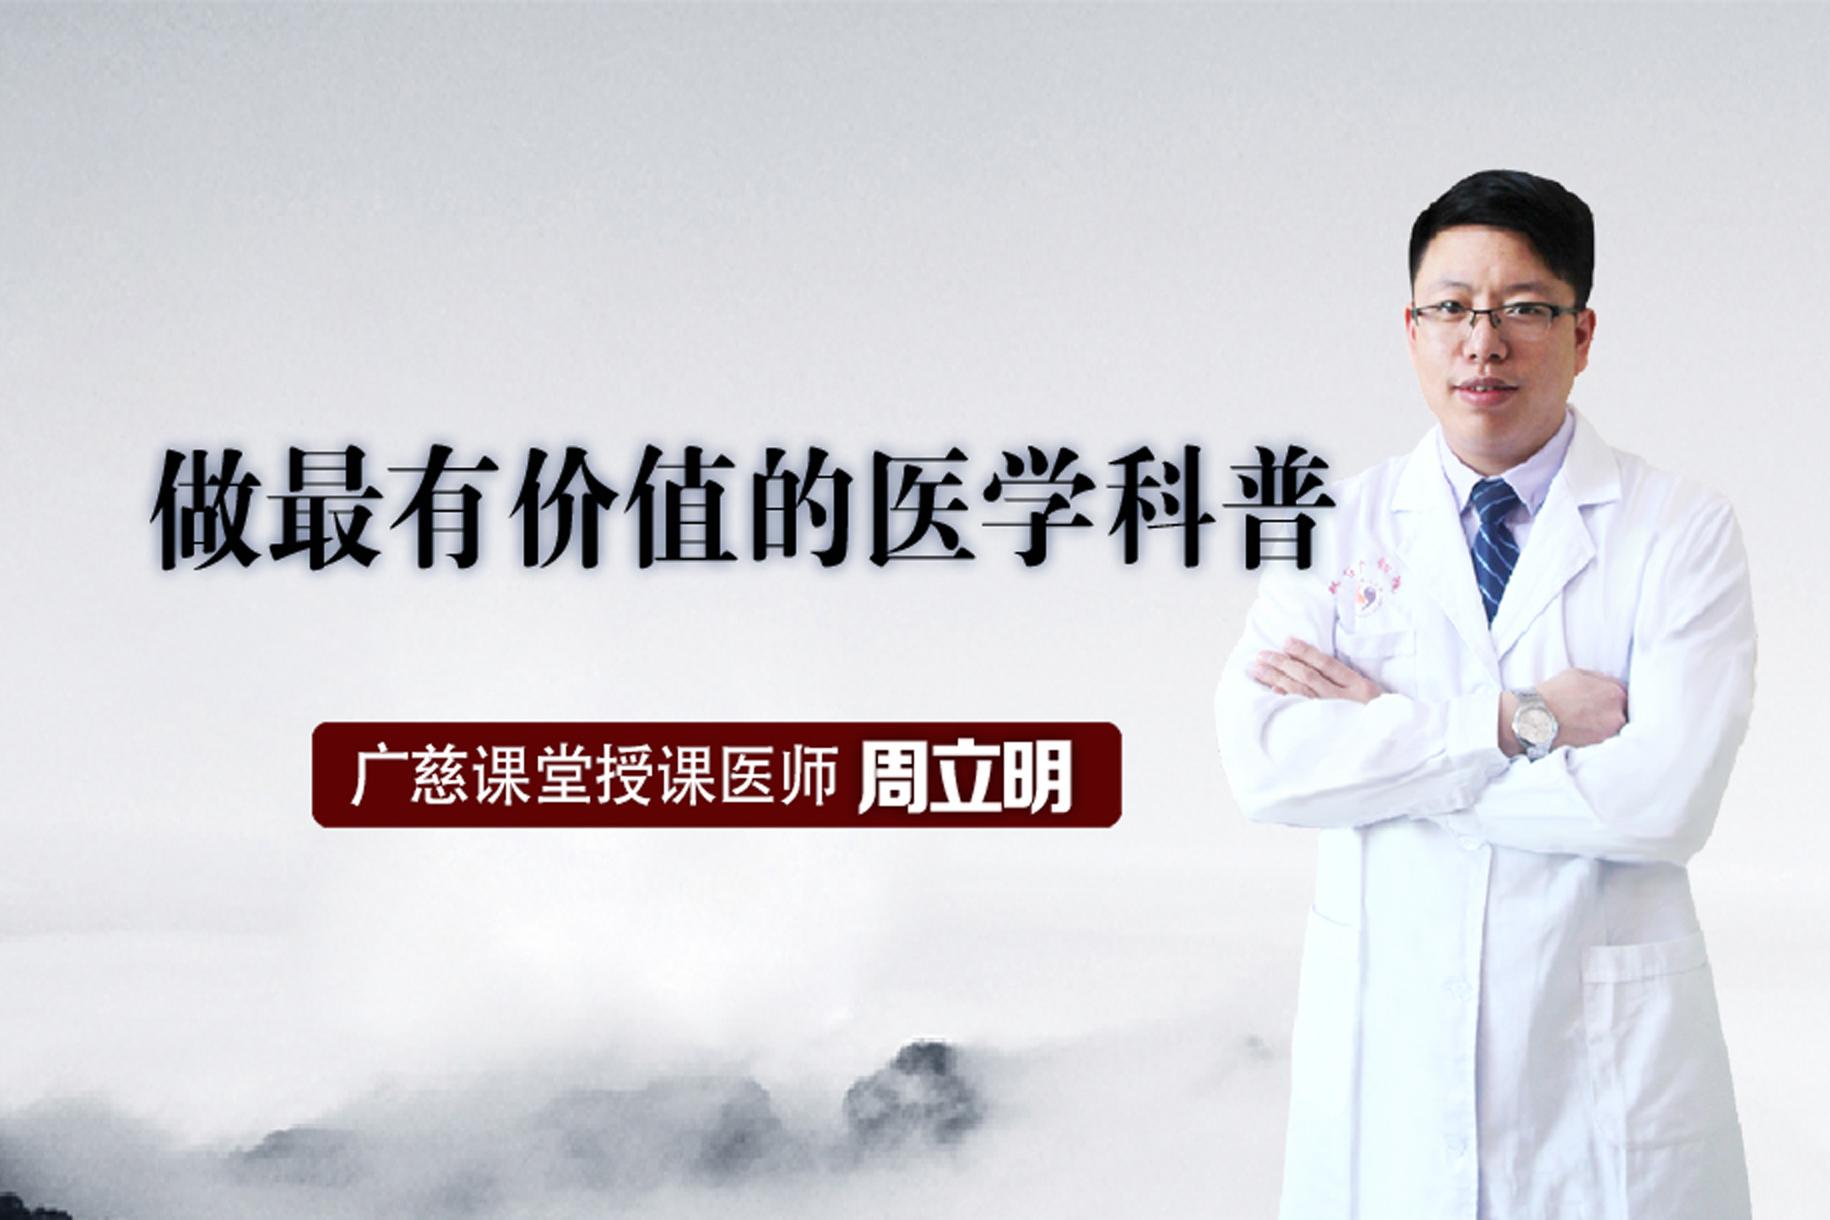 邢台广慈医院主任讲解《精液发黄怎么回事》